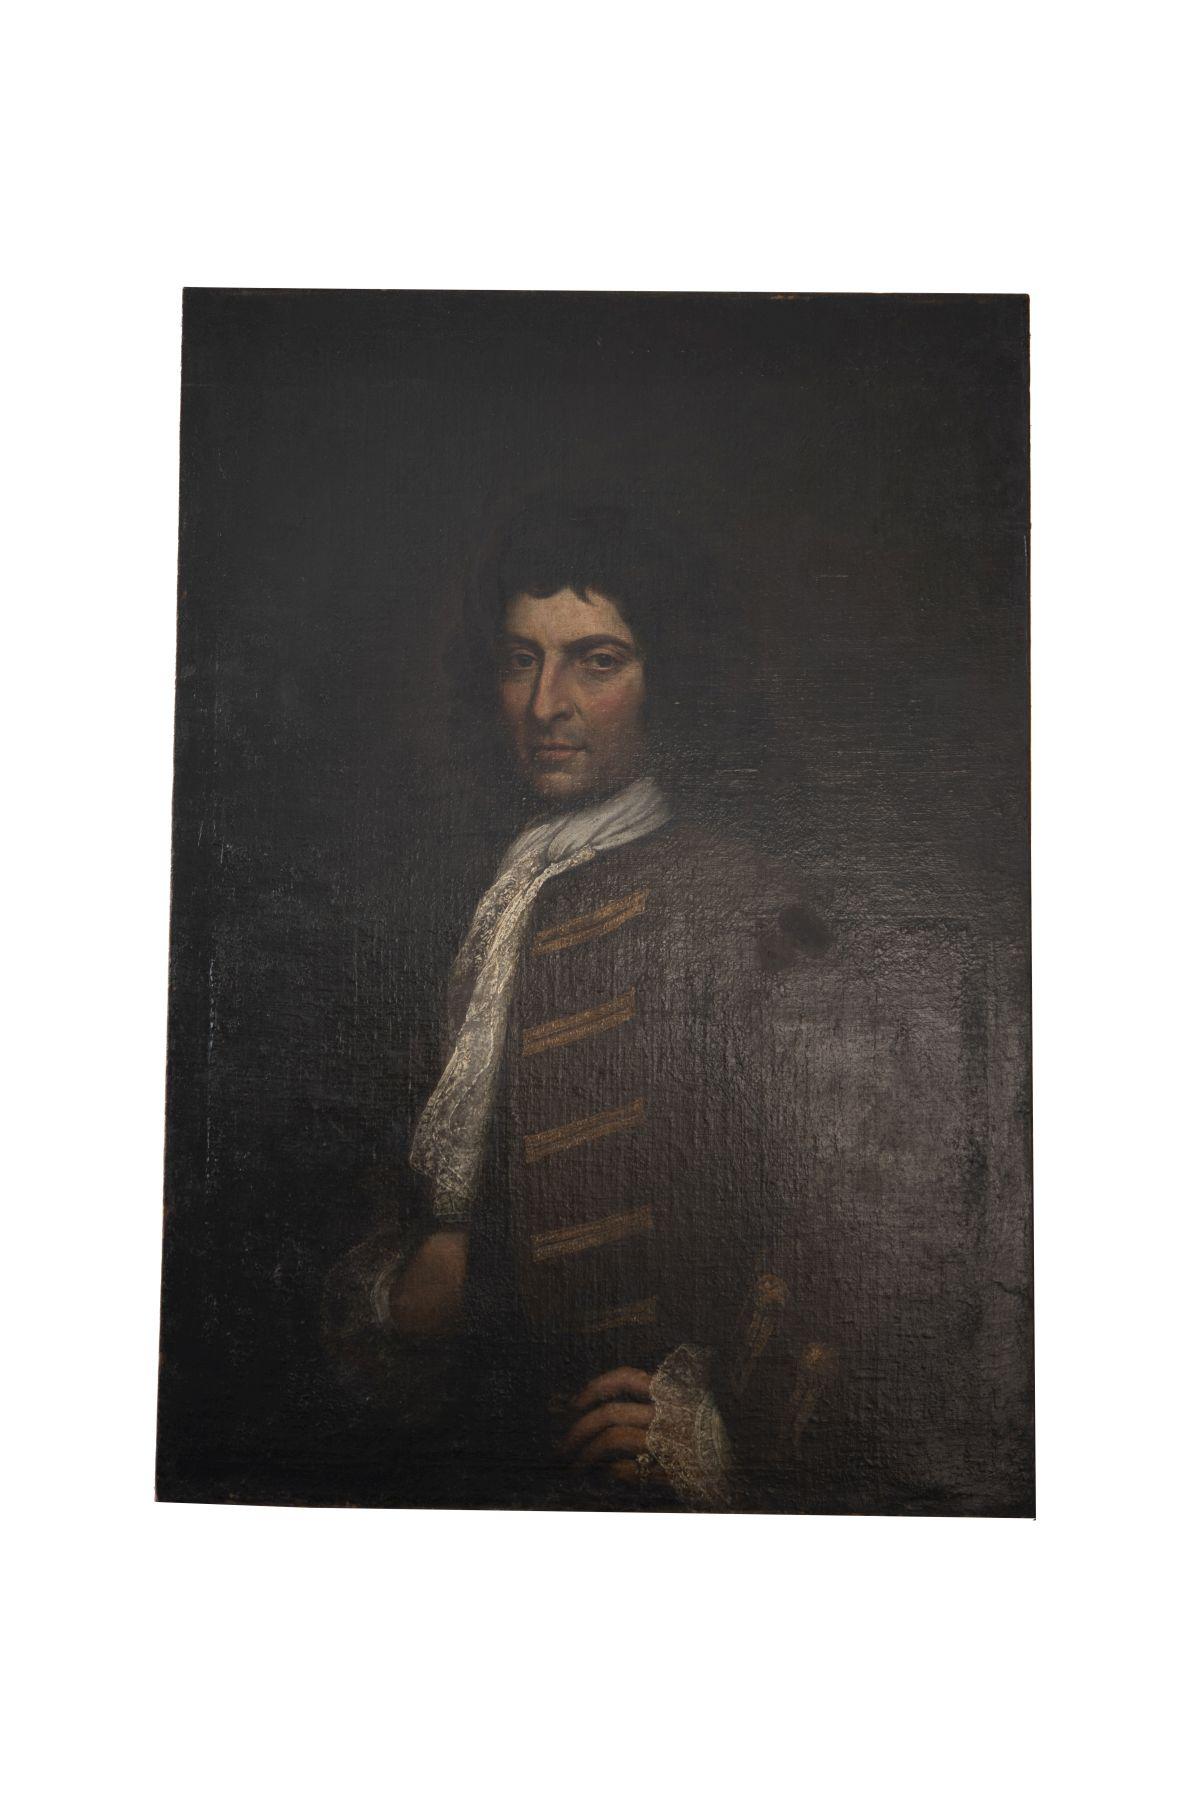 #109 Portrait of a Nobleman with Lace Jabot, Approx. 1700/75 | Bildnis eines adeligen Herrn mit Spitzenjabot, ca. 1700/75 Image